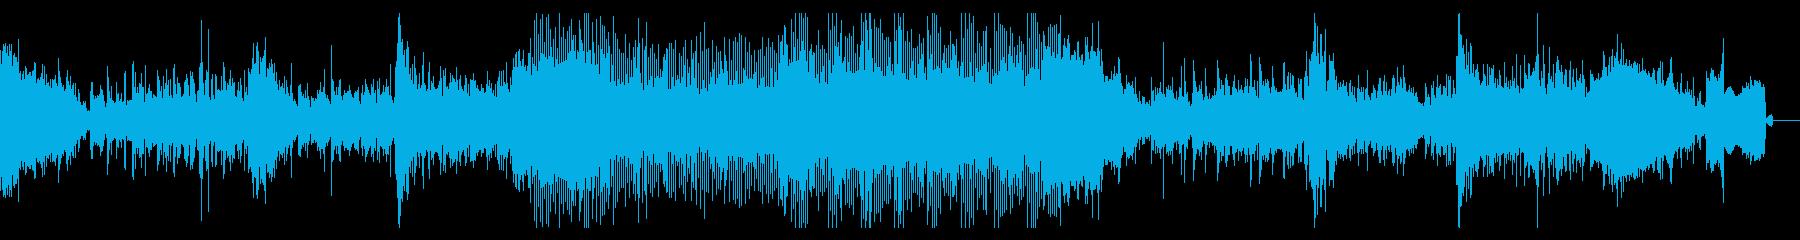 機械を使った水中戦のような映画風BGMの再生済みの波形